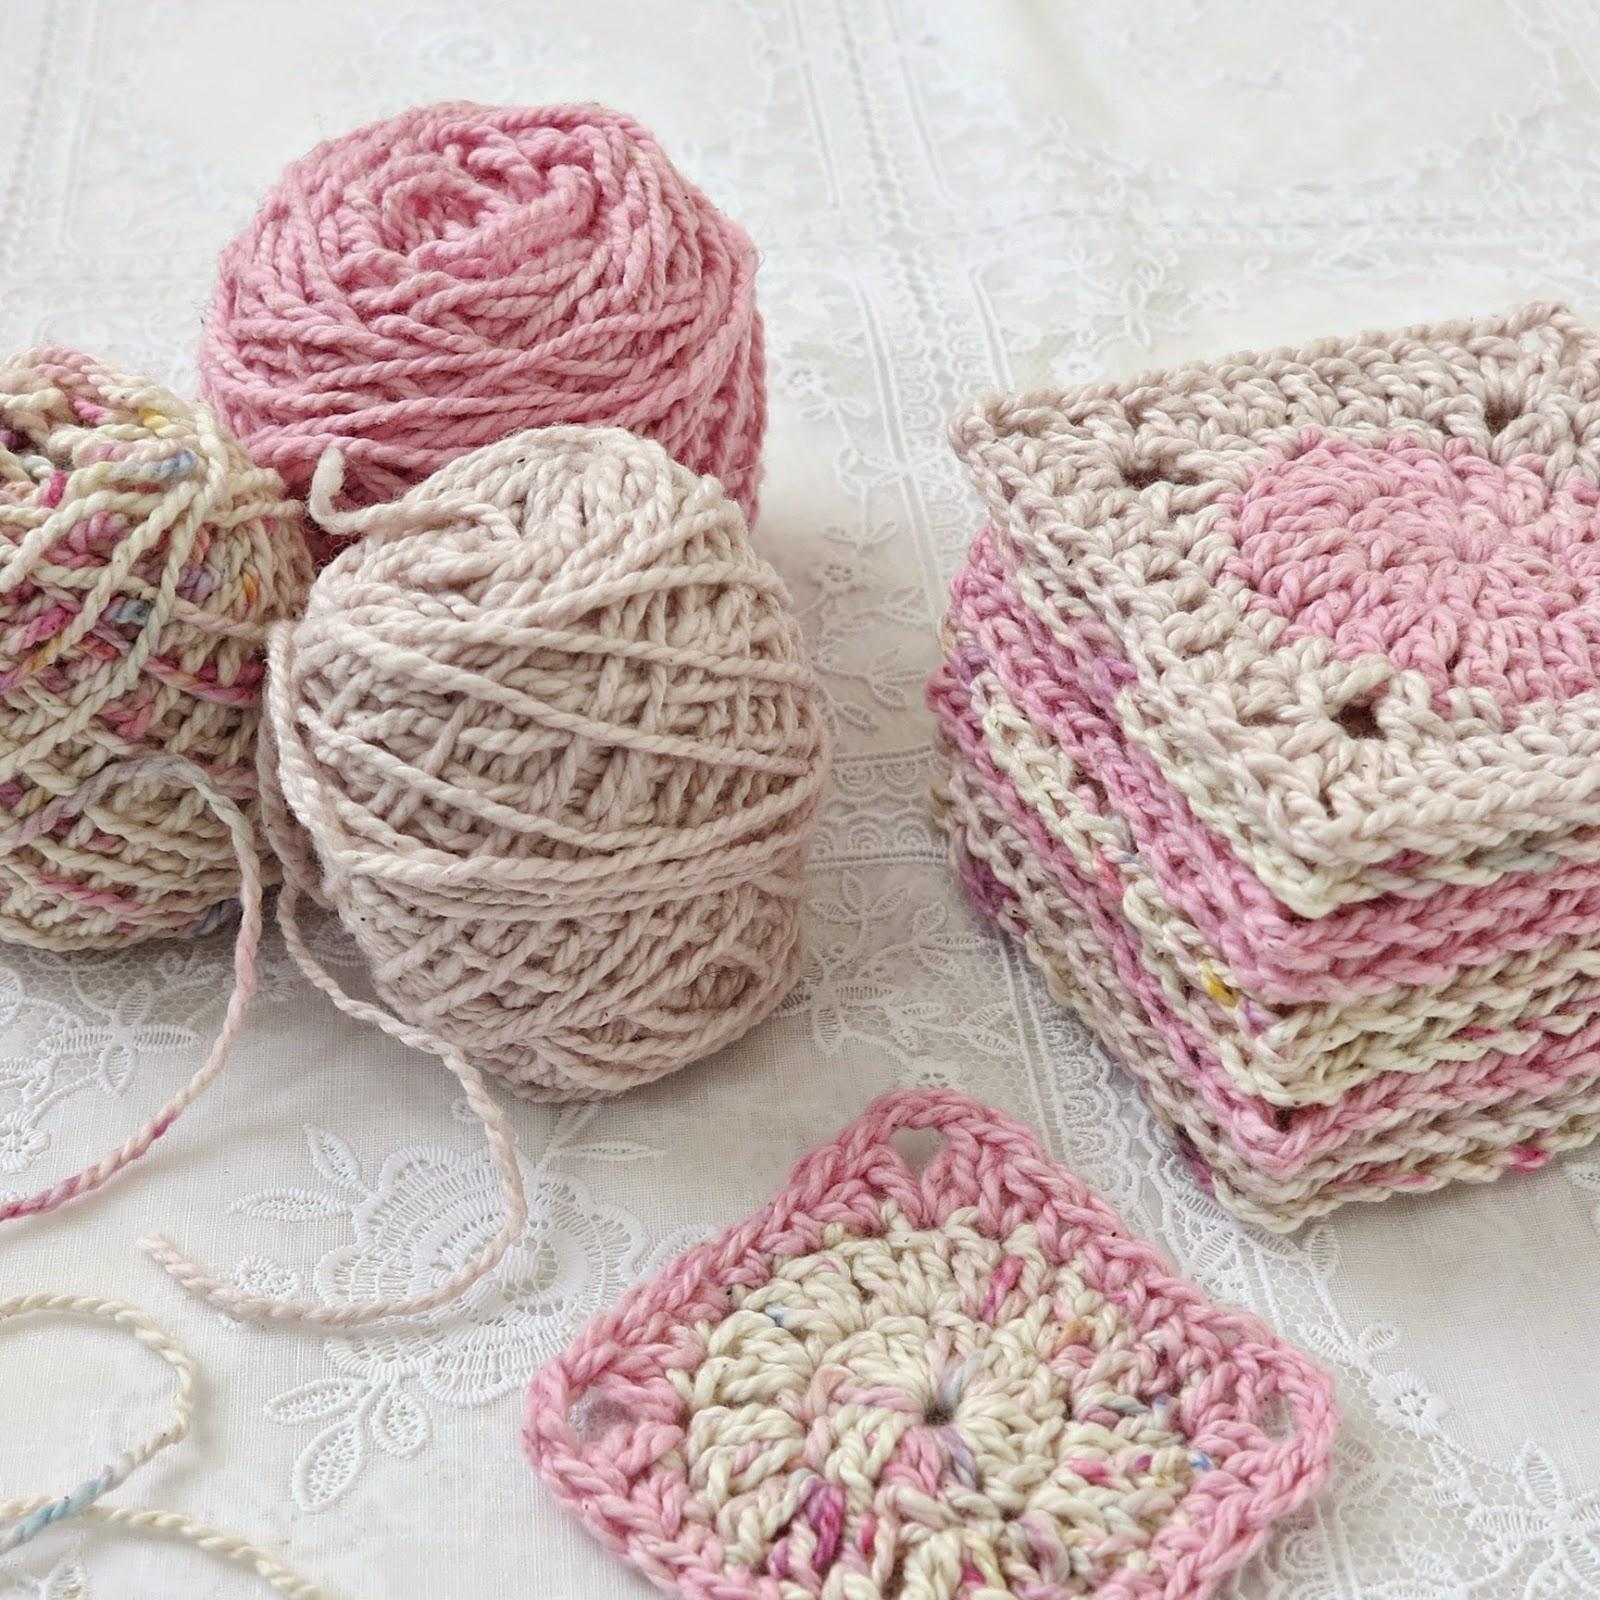 byHaafner, crochet, work in progress, wip, pastel, scarf, MoYa